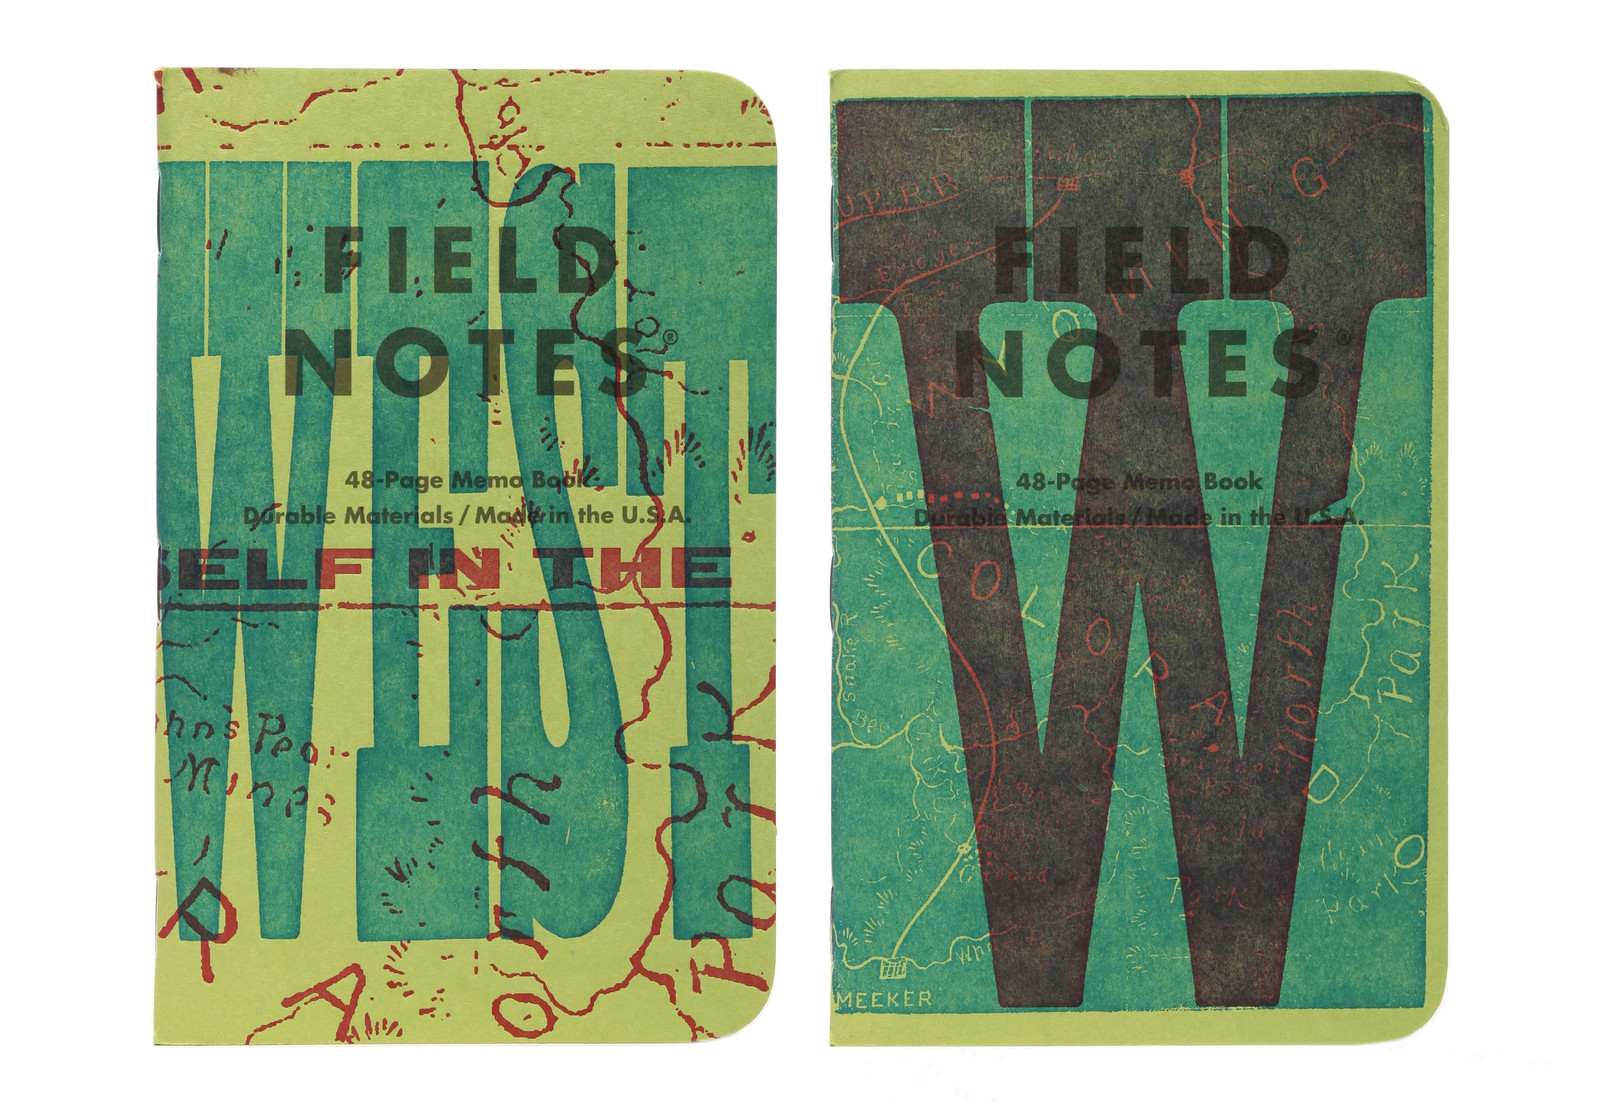 field notes letterpress 7